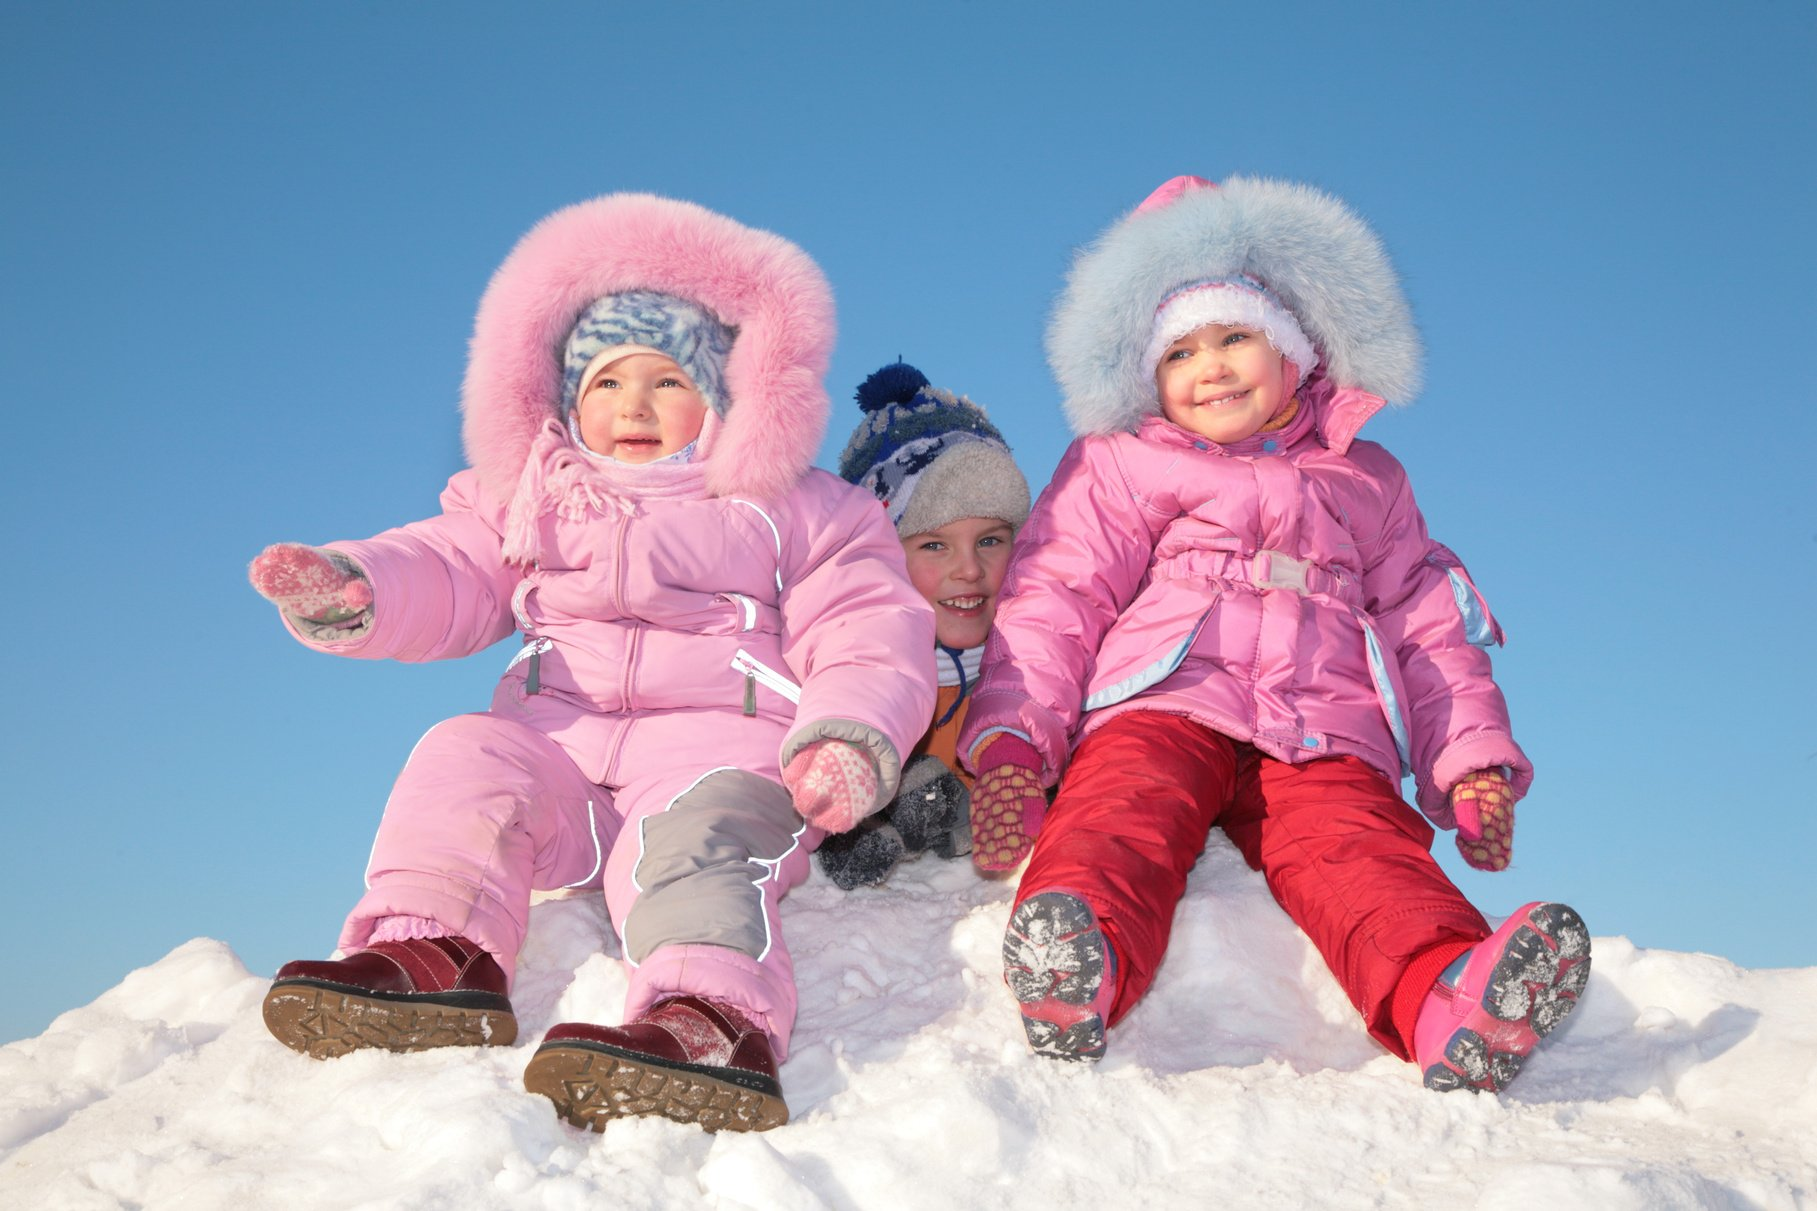 Первые сапожки – как выбирать зимнюю обувь для детей?